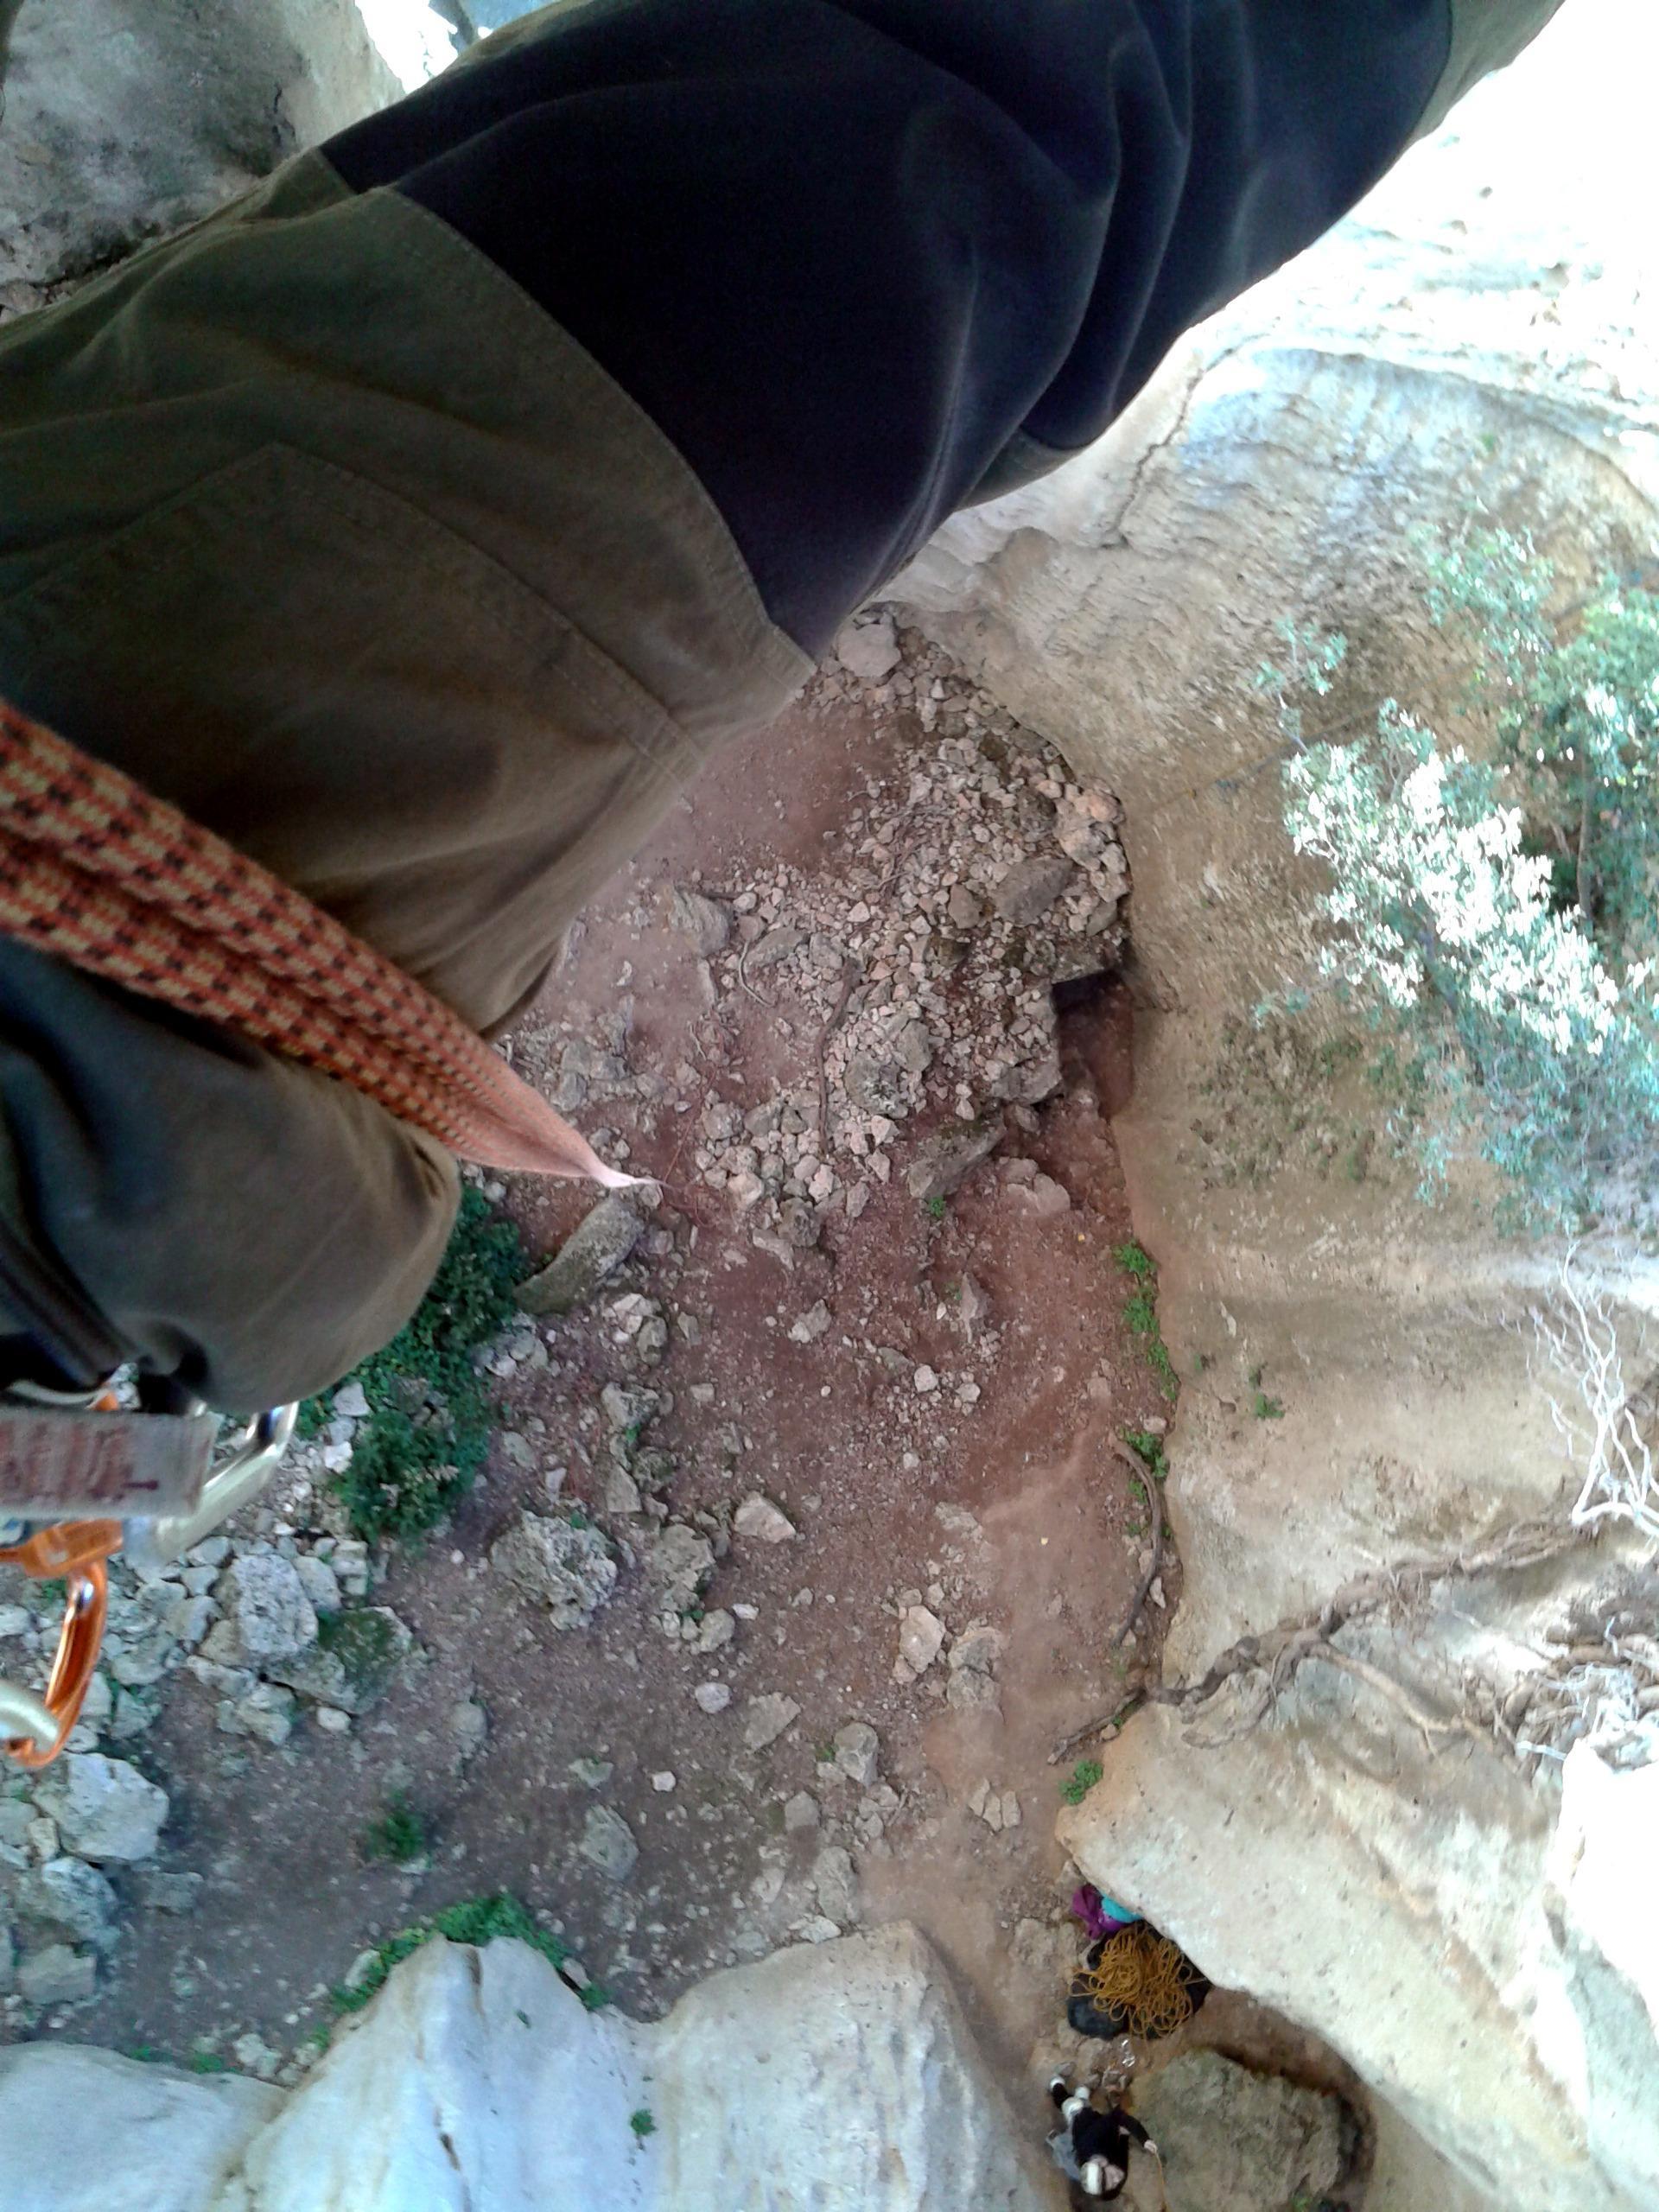 Samu in calata dalla sommità della grotta dell'Edera. Bel salto!!